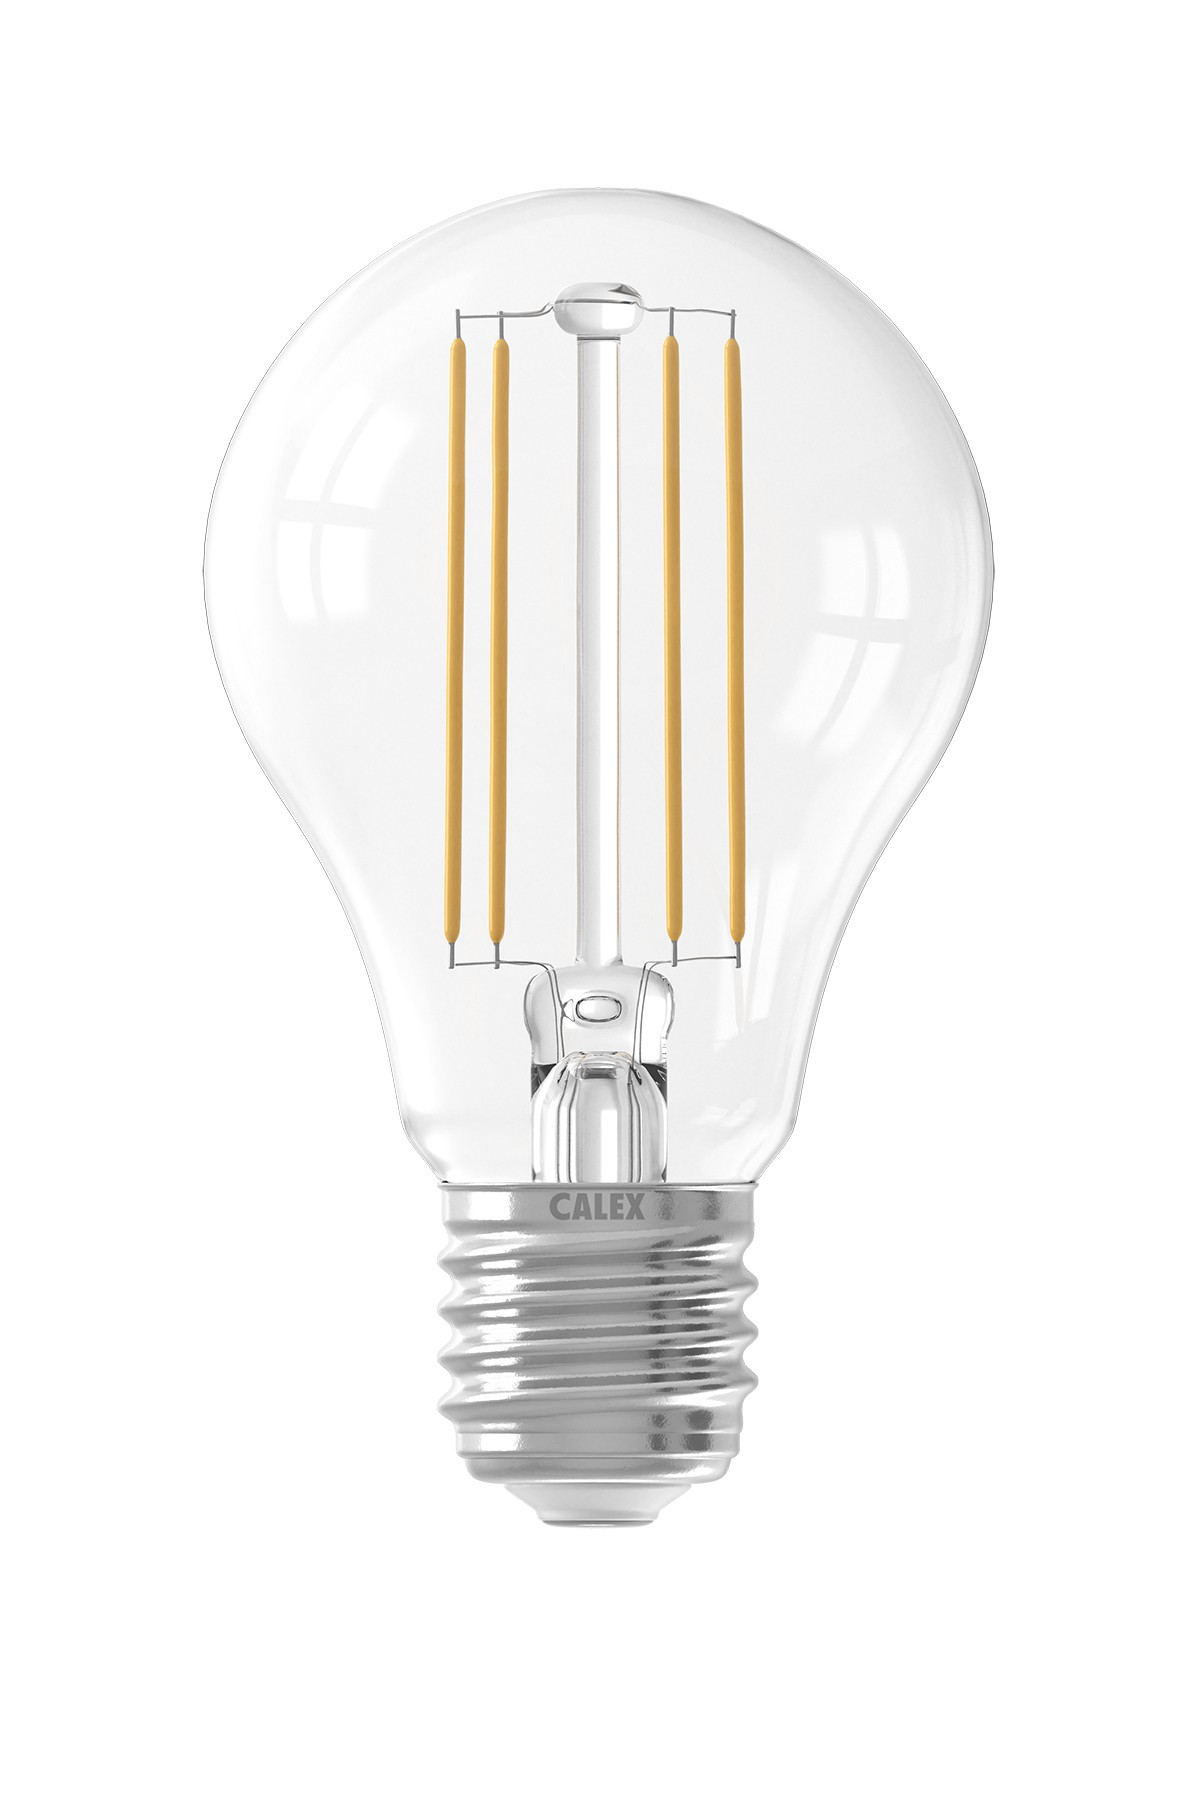 Filament LED Standard Lamp 240V 8W E27